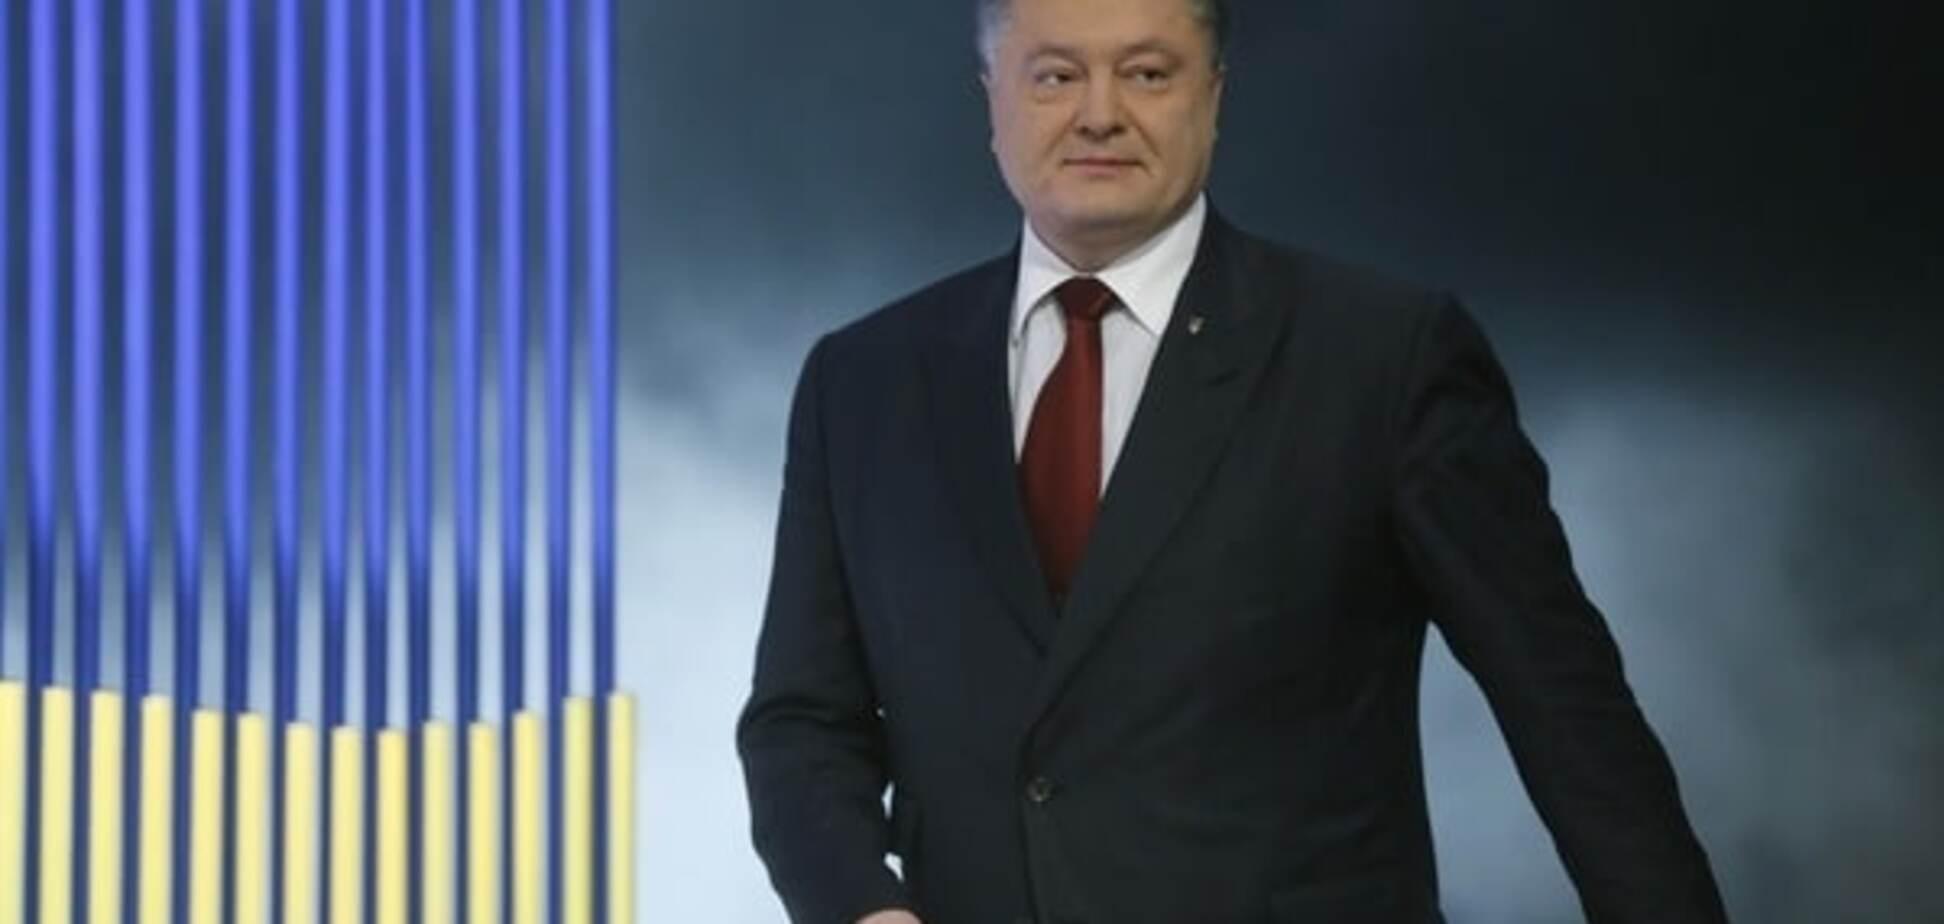 Ошибка президента: журналист пояснил, чем грозит Порошенко 'игра в отставку Яценюка'